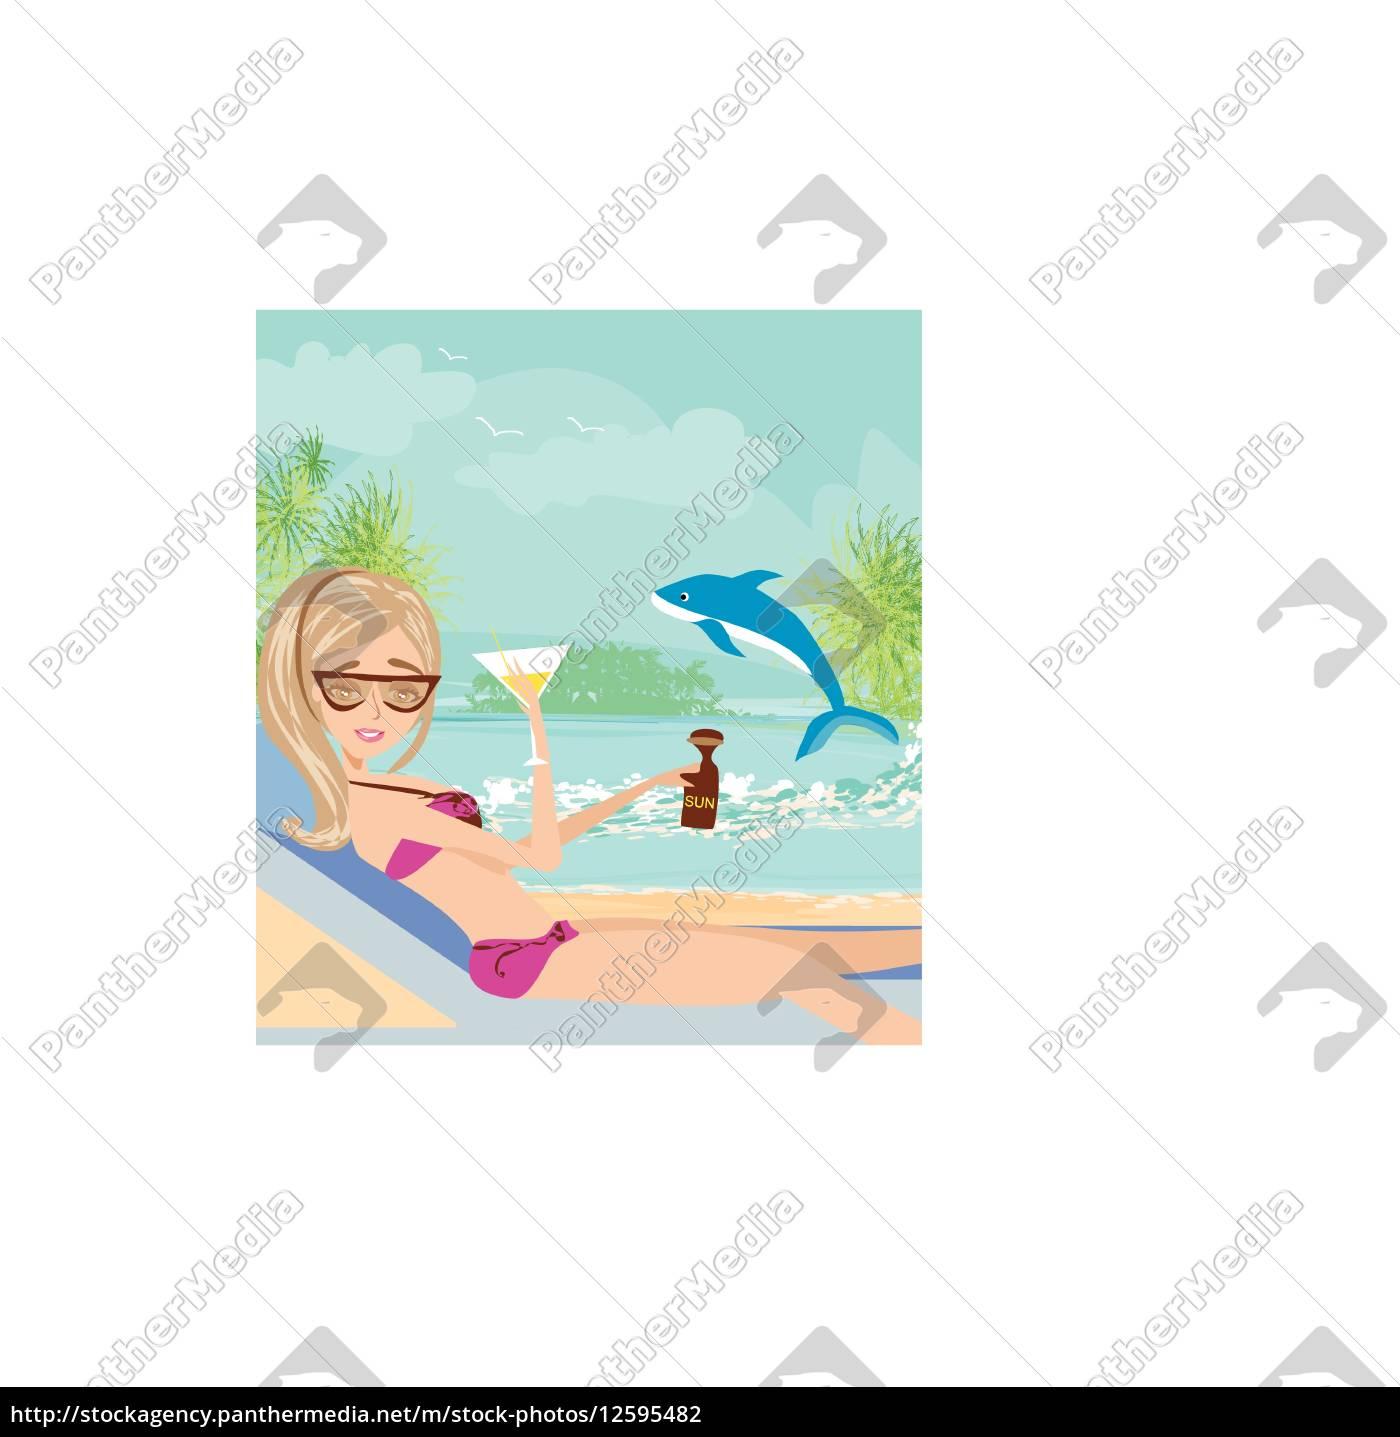 sexy, strand, mädchen, in, der, nähe - 12595482